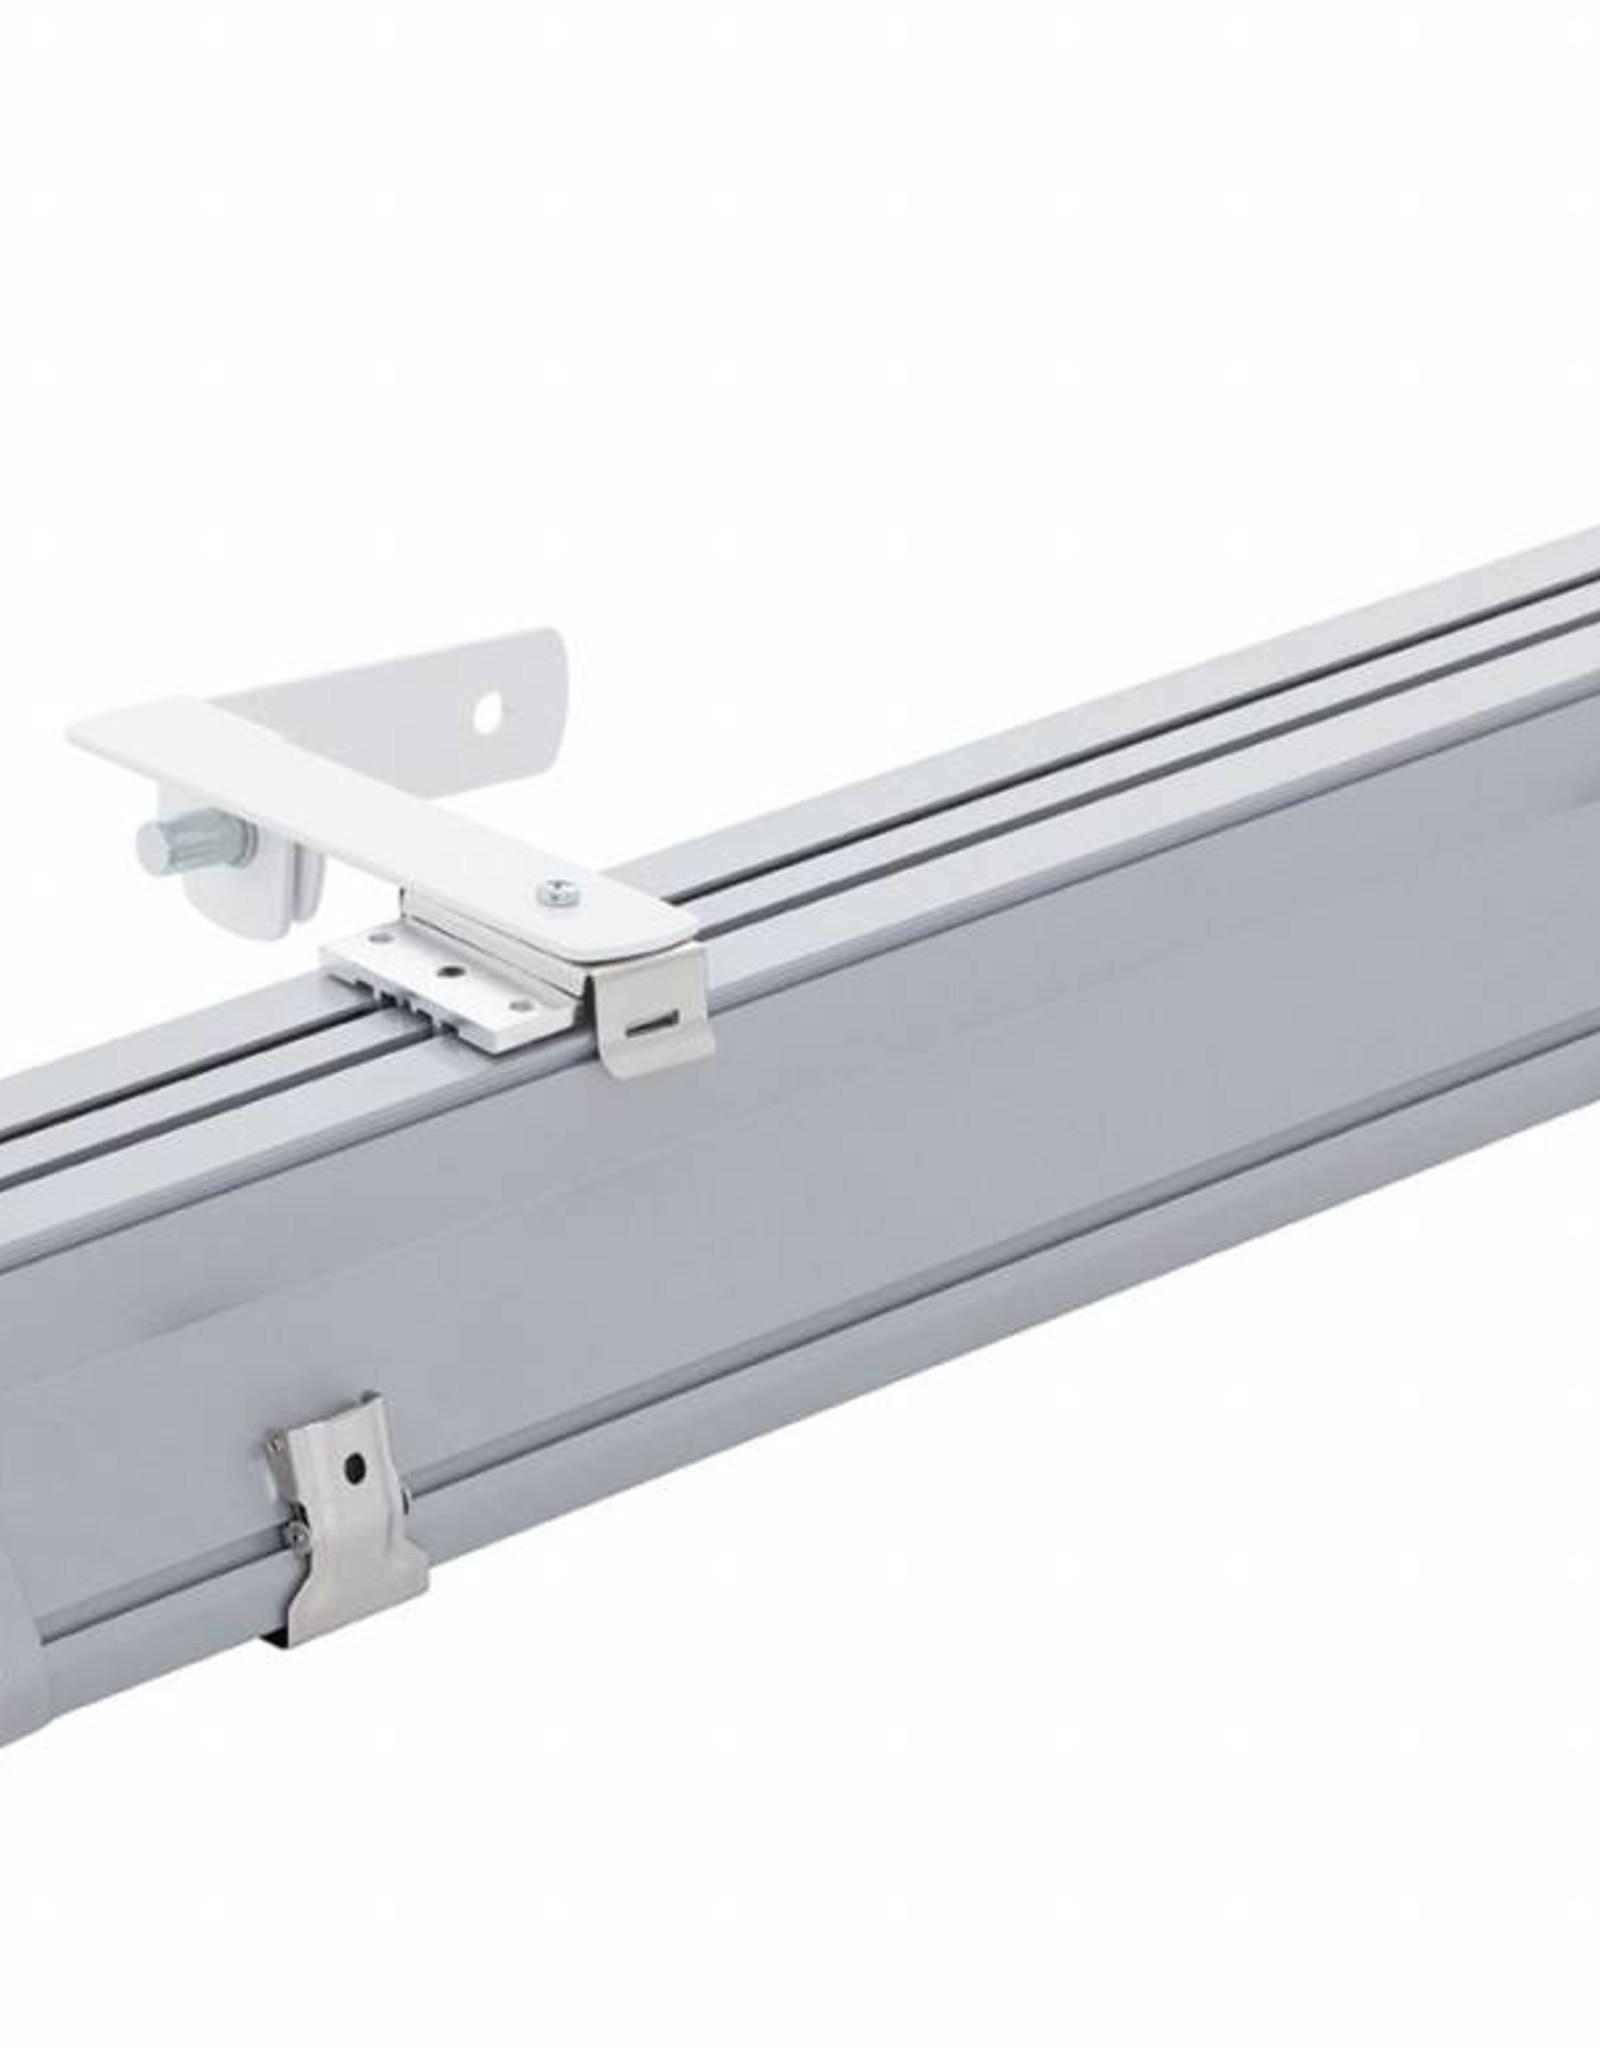 ALUMAX LED 2.4 Ft 5200/840